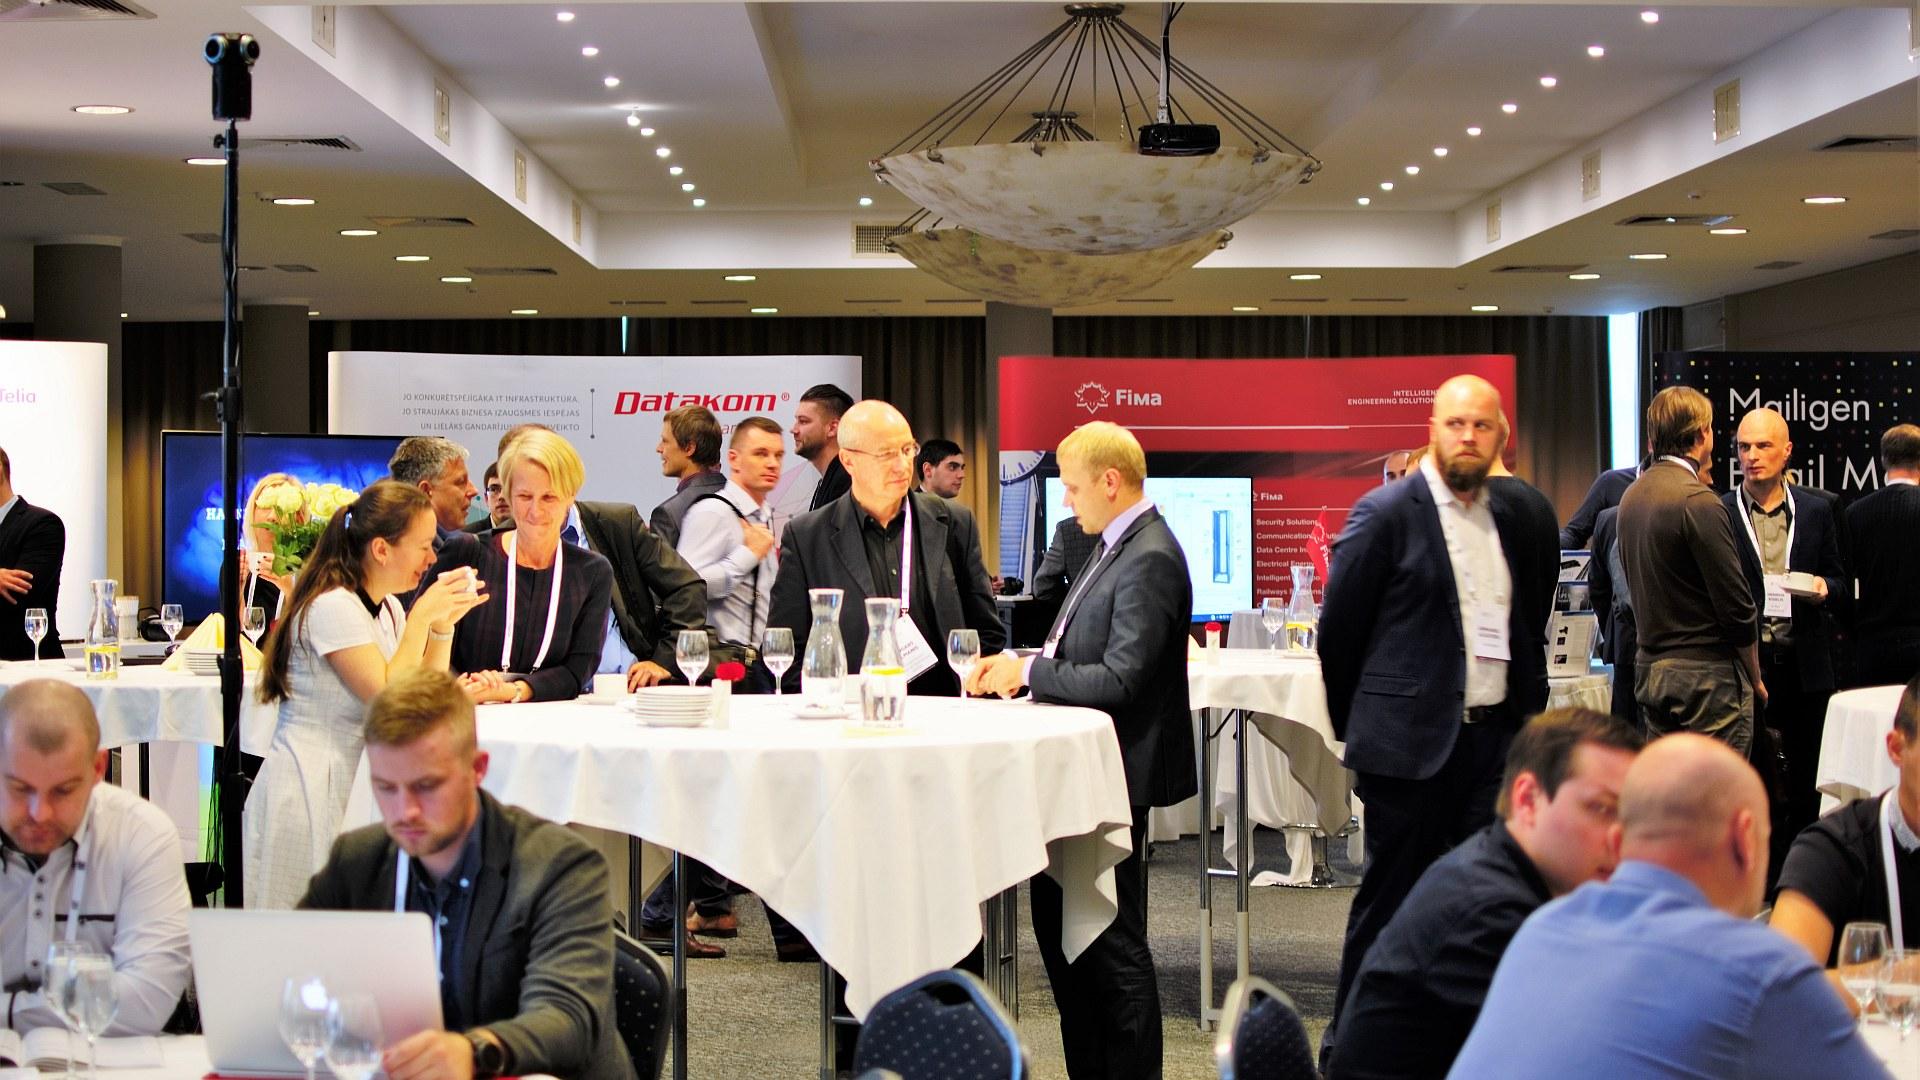 BiSMART konference: Uzņēmuma IT vadības un attīstības izaicinājumi. Dalībnieki.